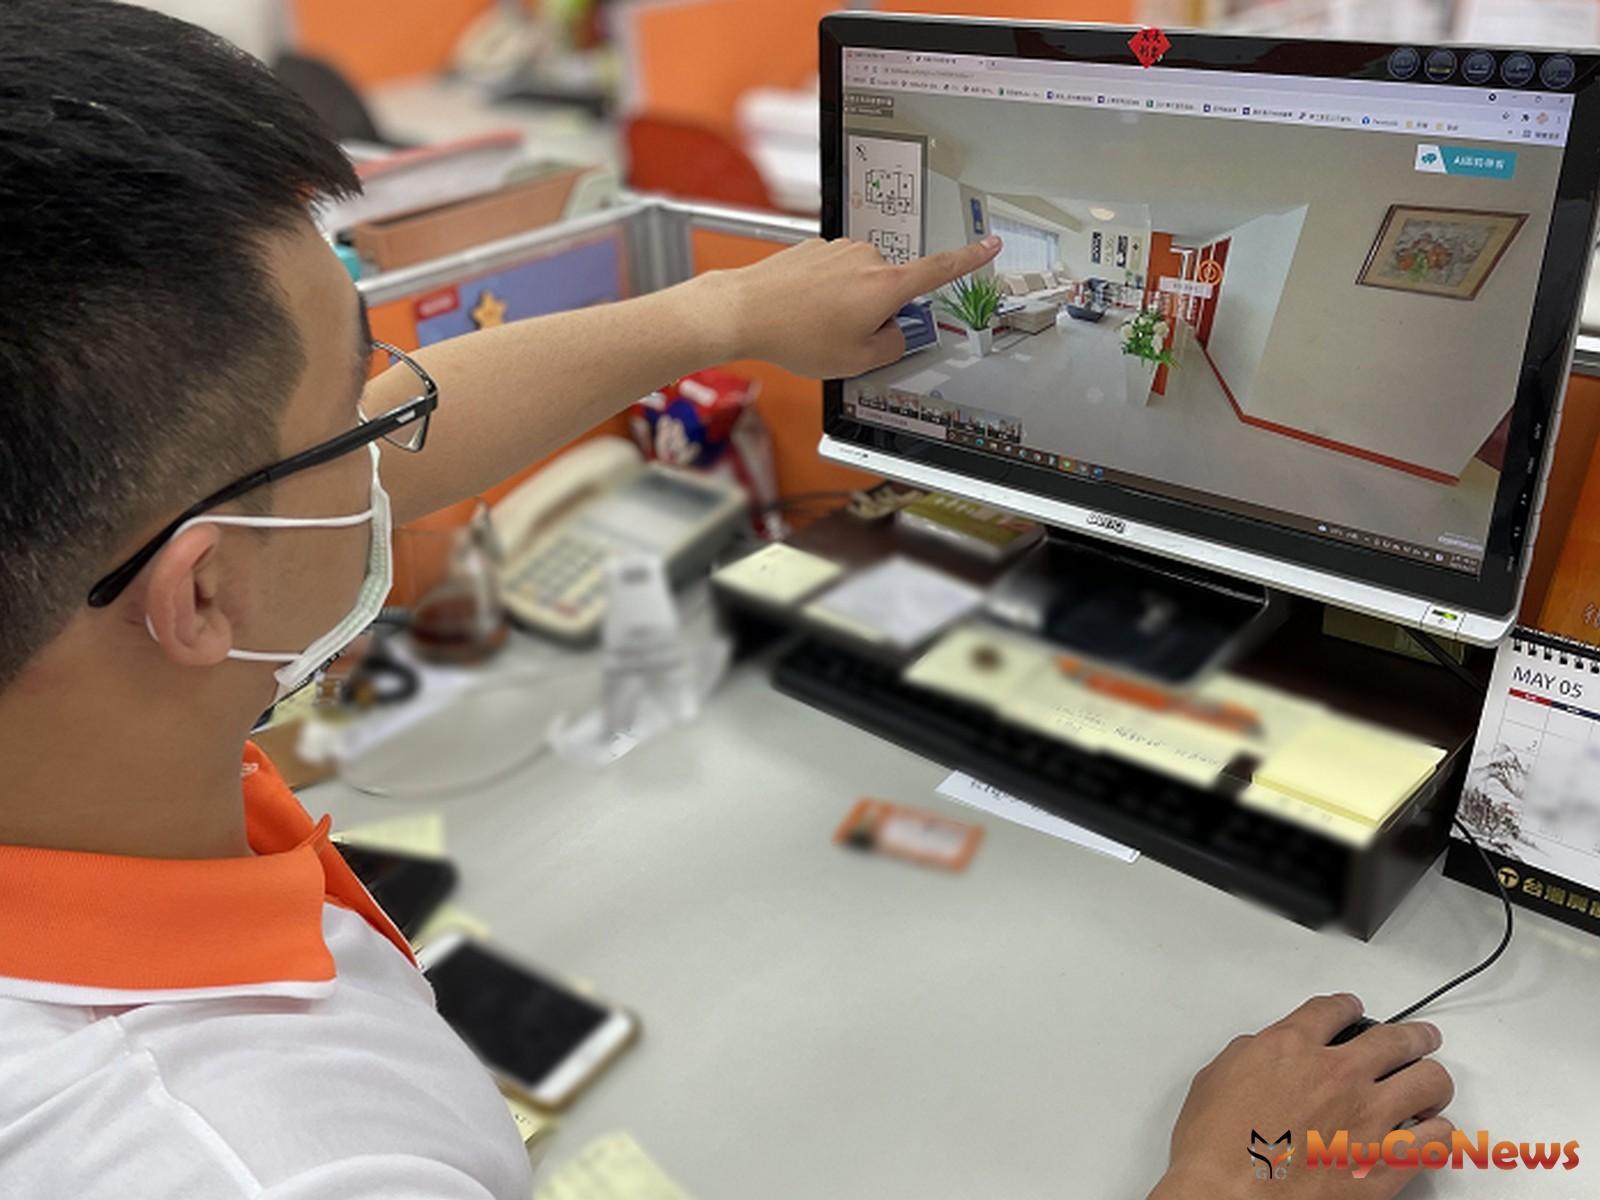 疫情期間房仲改線上服務,近兩周內官網新增上架的VR影音物件大增,目前已突破萬件(圖/台灣房屋) MyGoNews房地產新聞 市場快訊